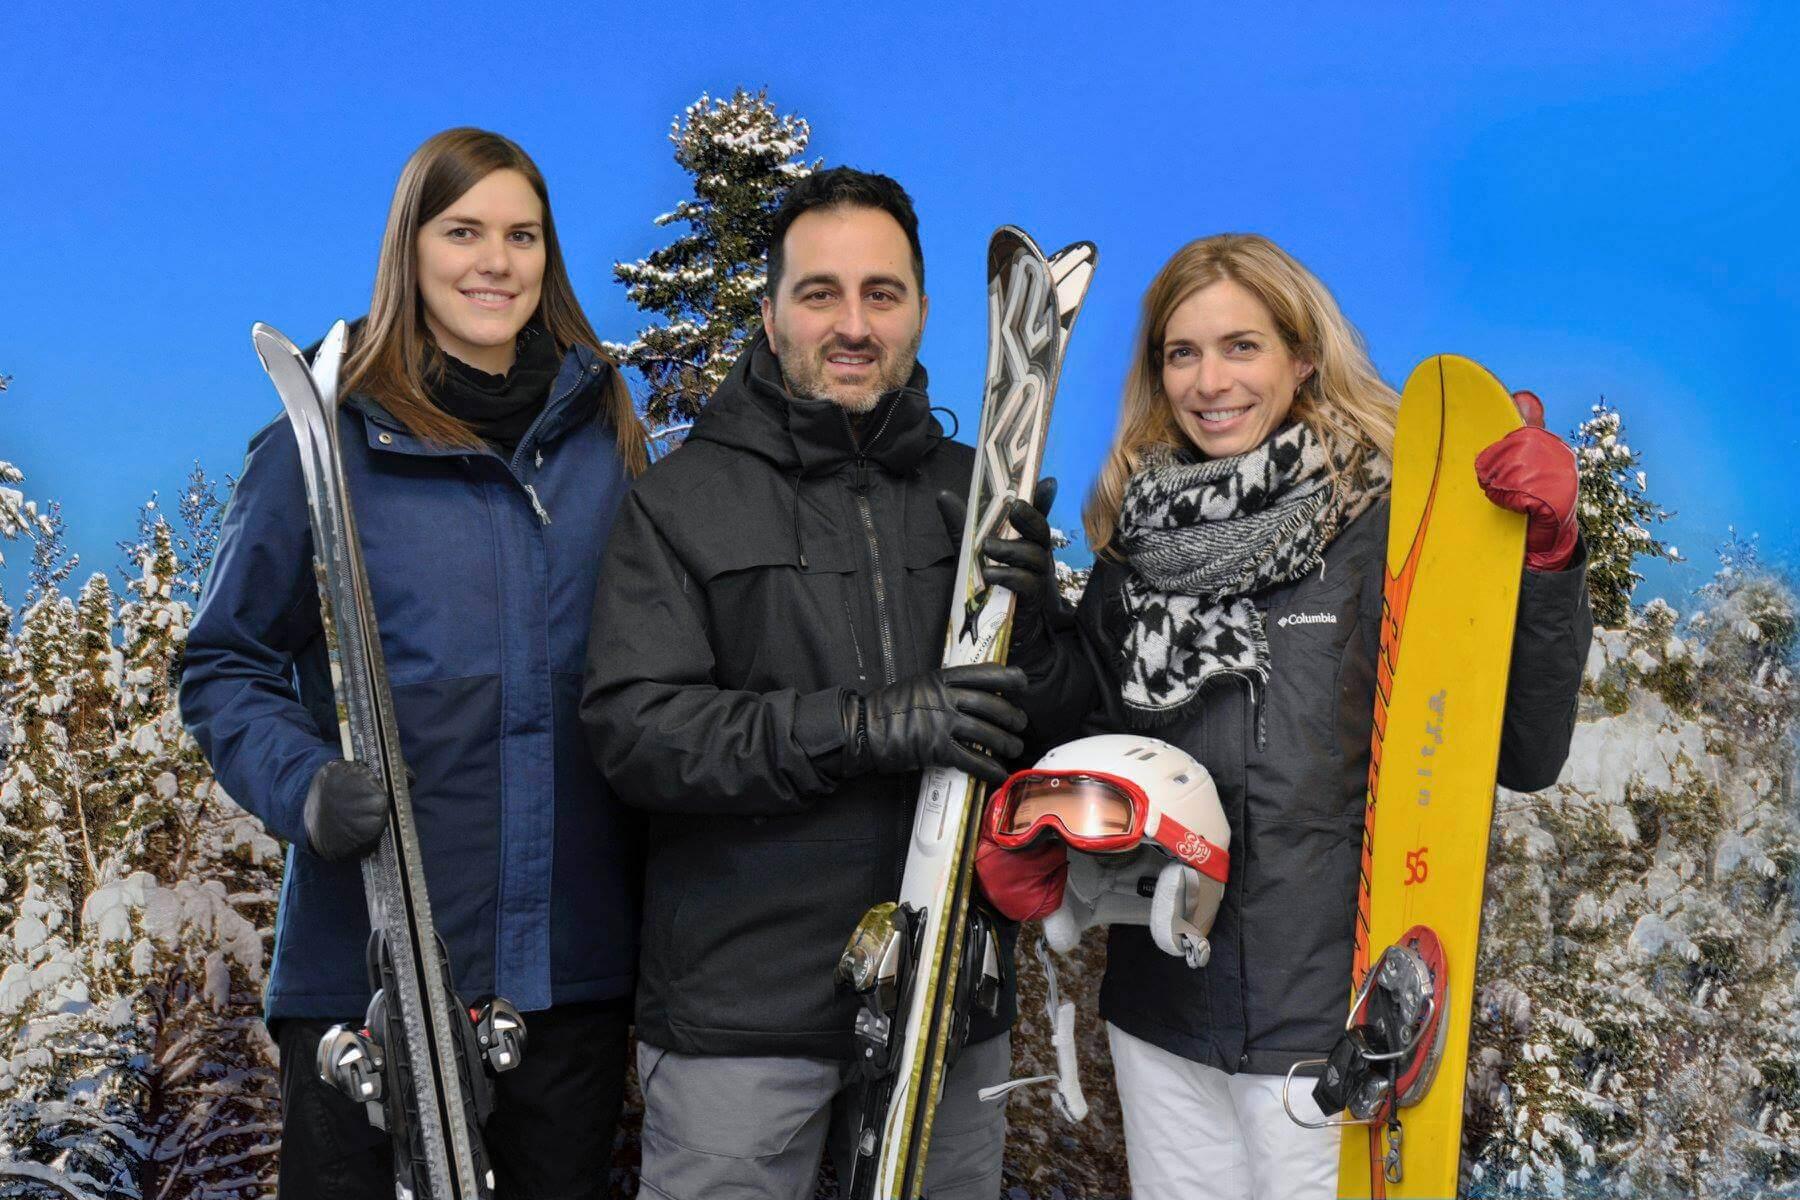 Défi ski leucan 2019